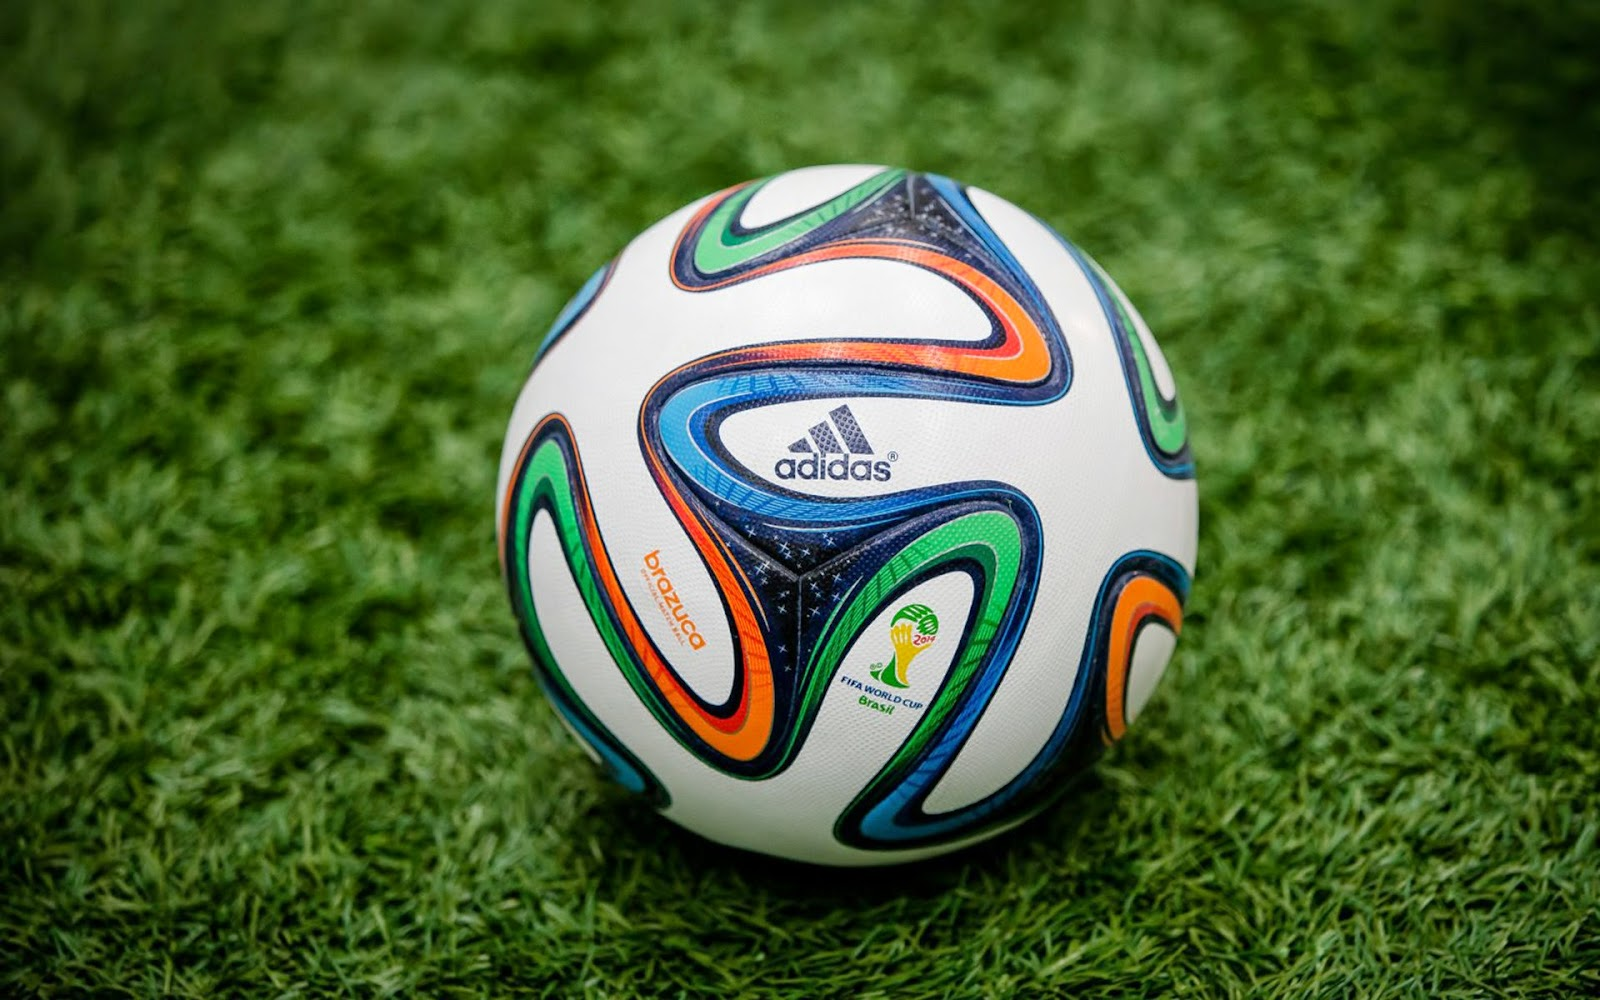 http://1.bp.blogspot.com/-lUDWEshqx9k/U6bvVbZqK0I/AAAAAAAAZ3M/qGTlTazfy00/s1600/Ball-World-Cup-Brazil-2014-Wallpaper-HD.jpg